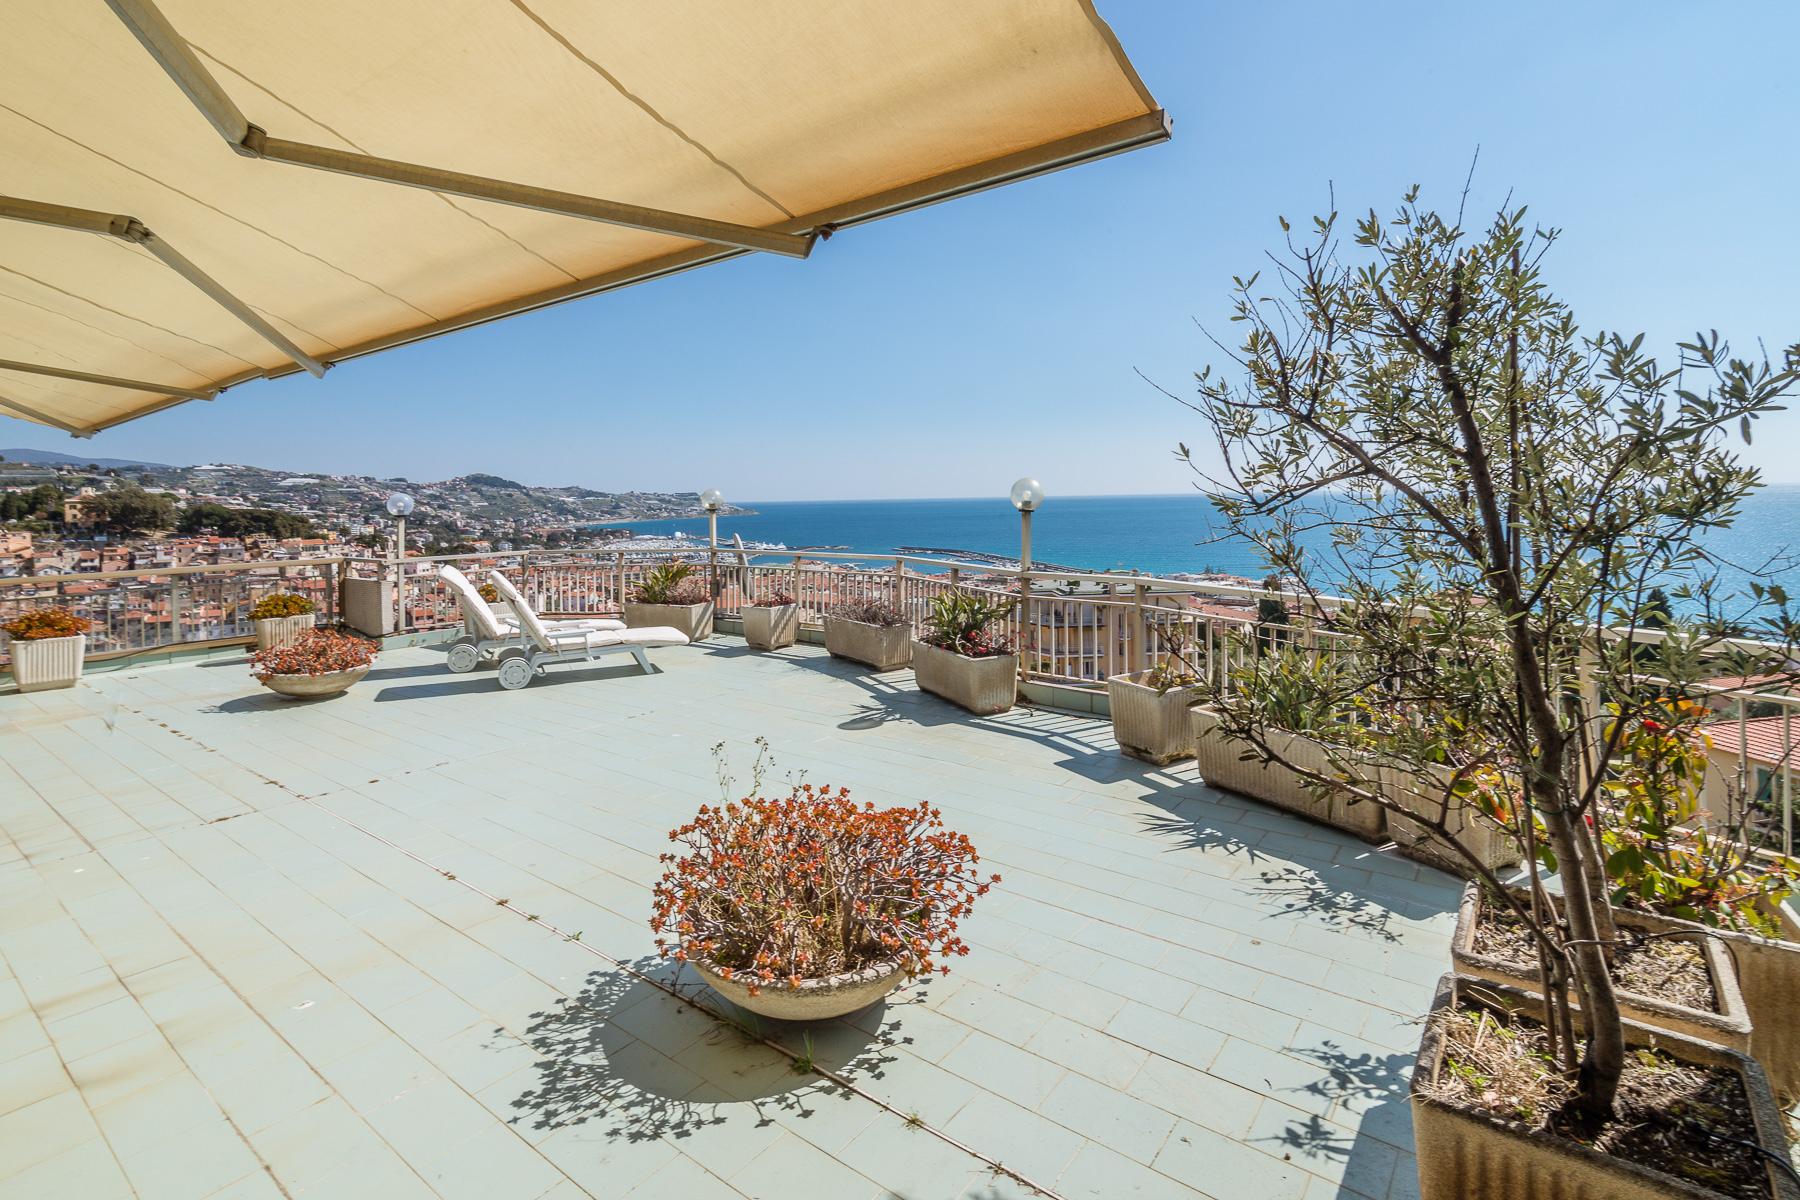 Appartamento in Vendita a Sanremo: 4 locali, 120 mq - Foto 6